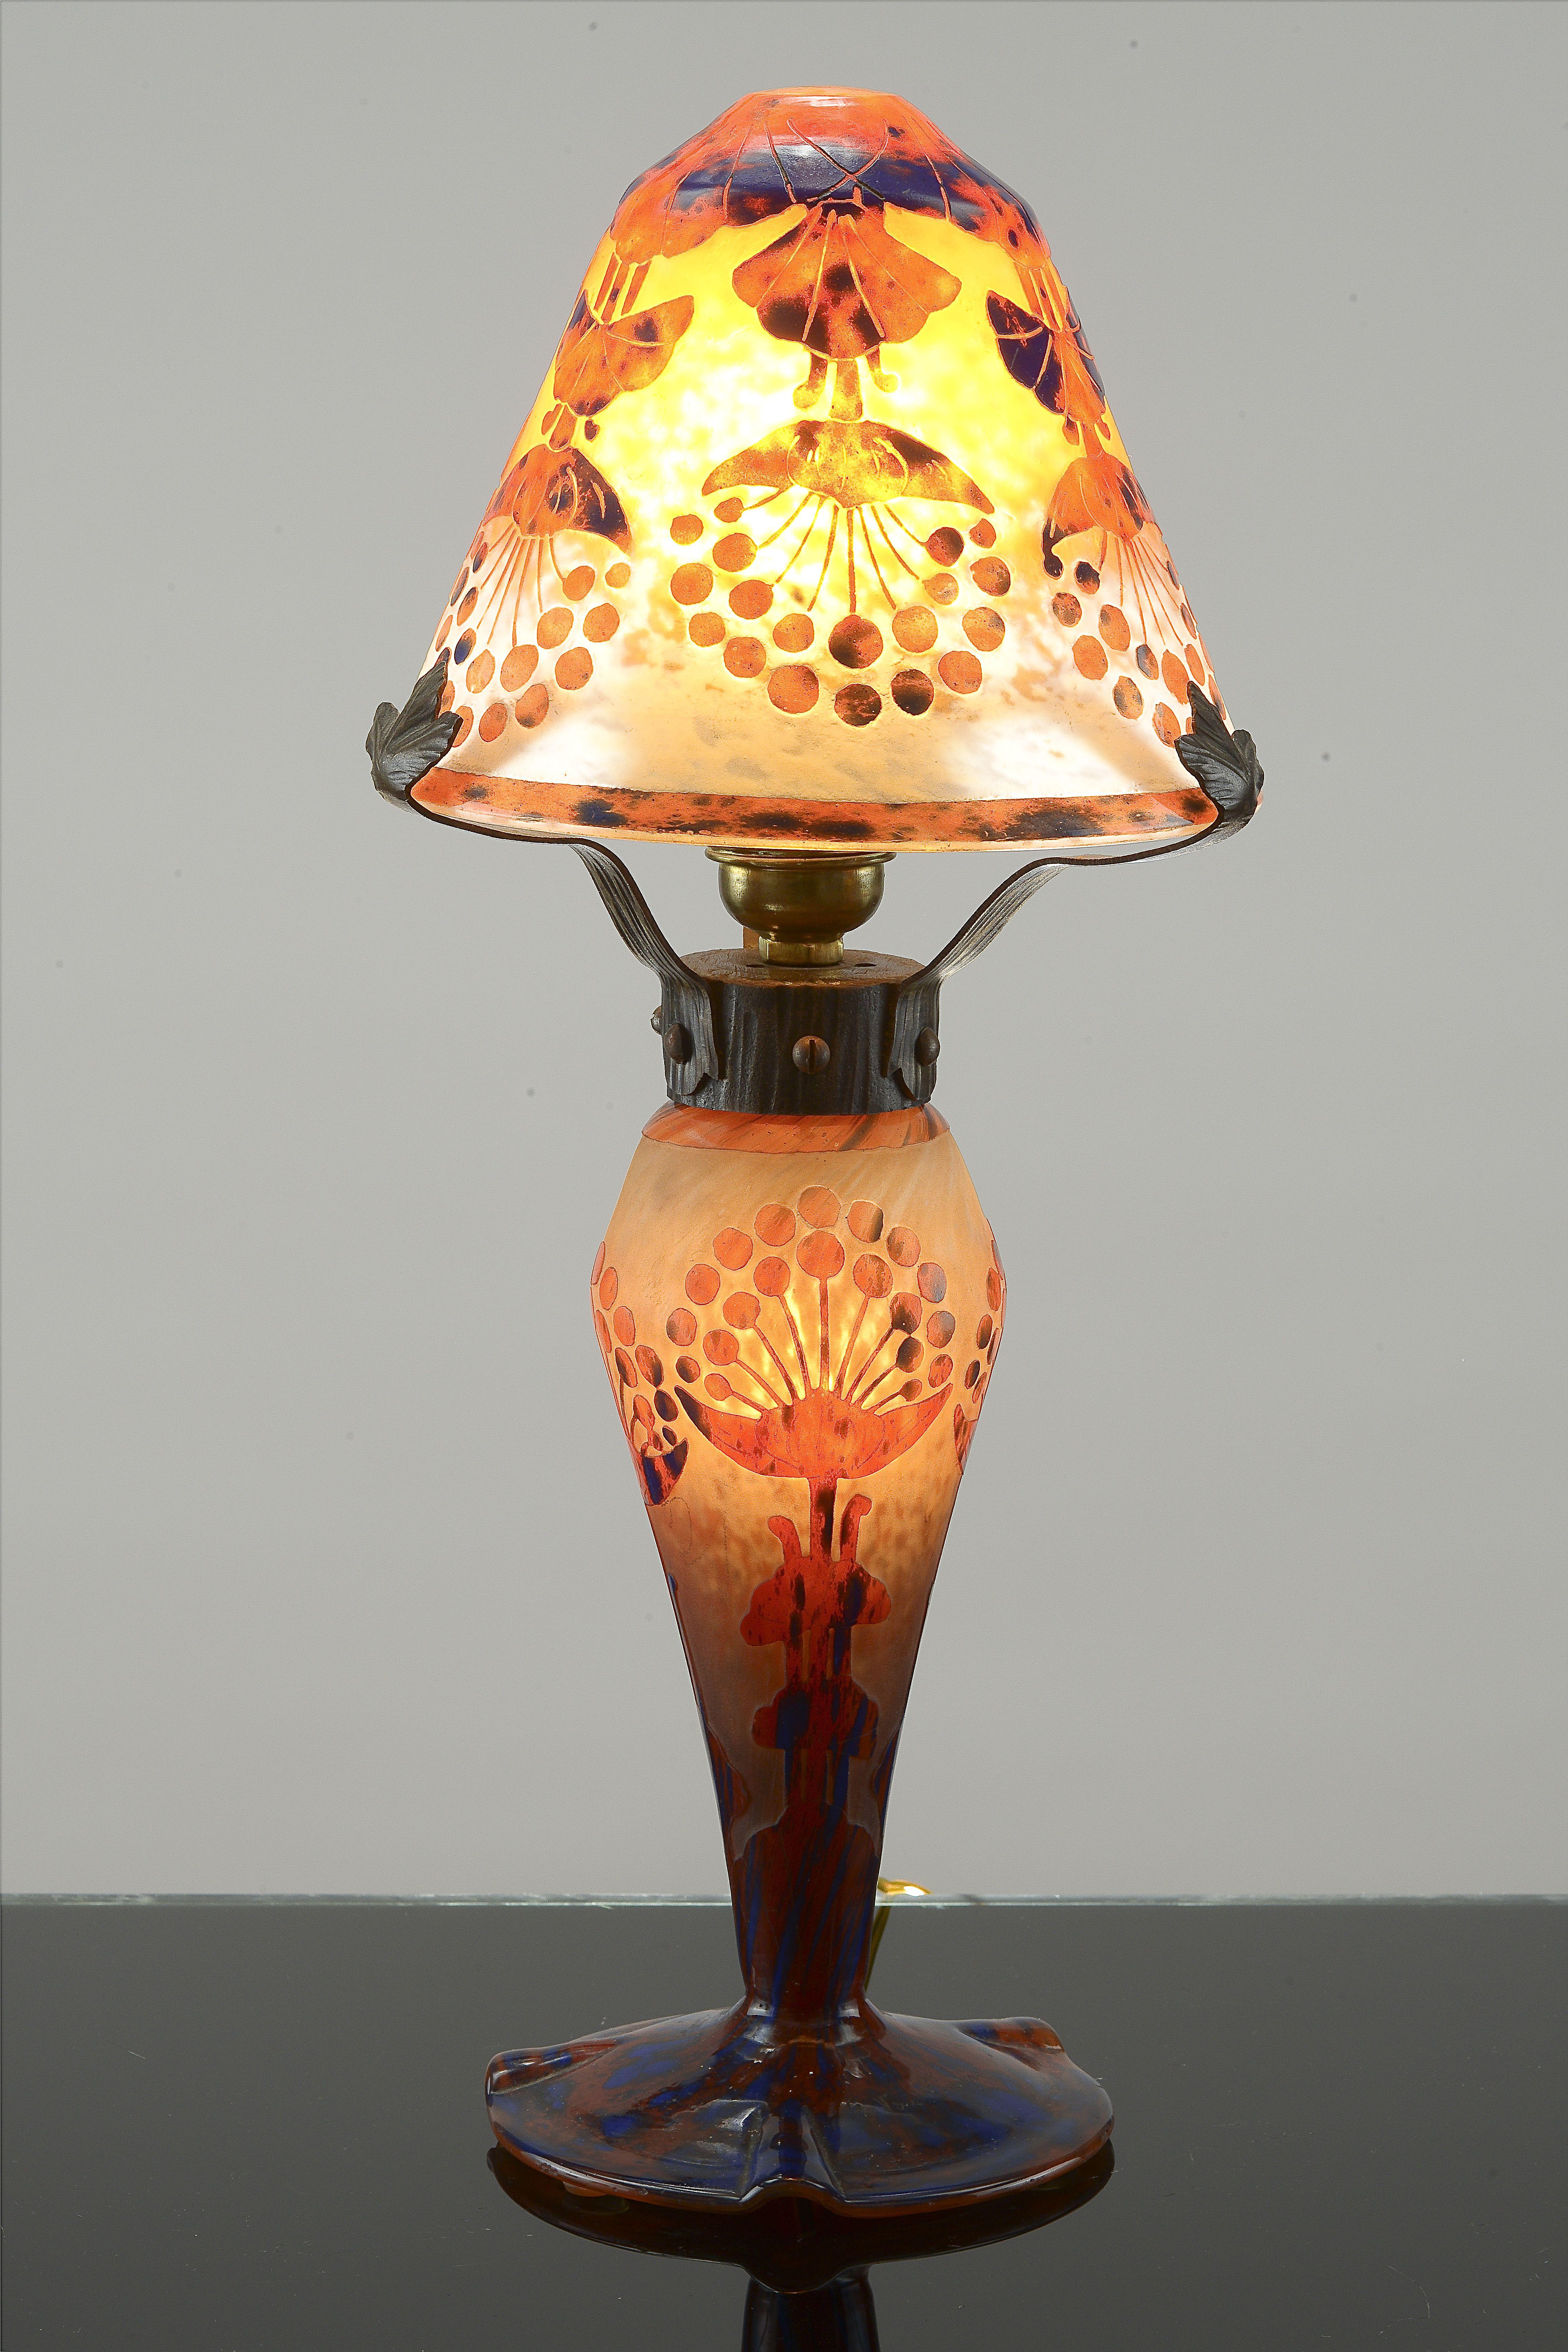 """A mushroom-shaped lamp Verreries Schneider Epinay-sur-Seine, France Le Verre Français production """"Ombelles"""" motif 1924-1927"""